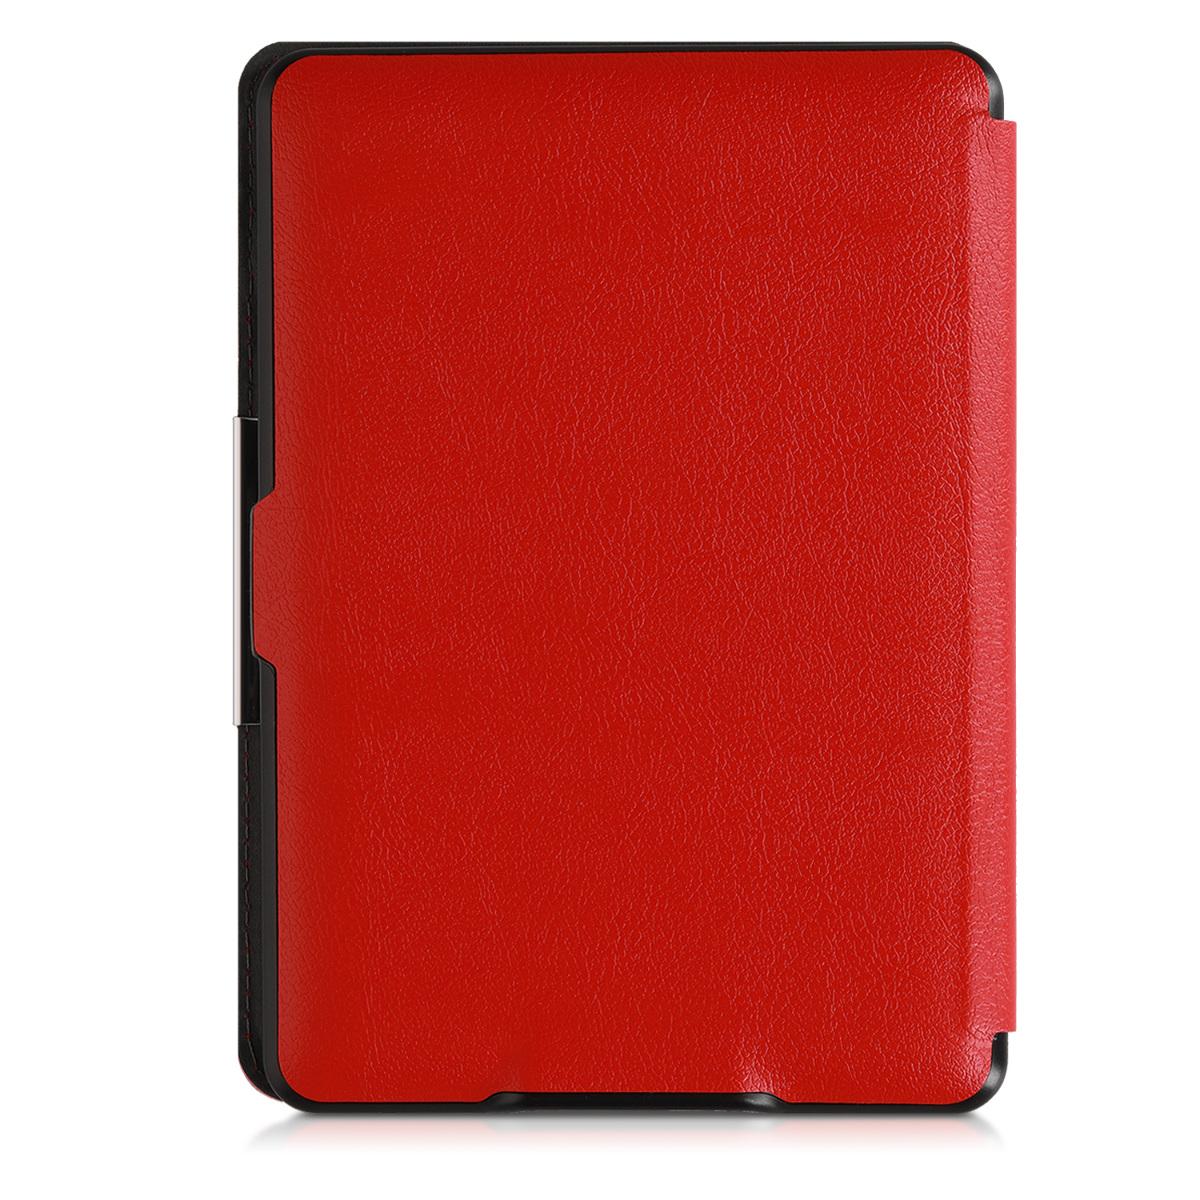 Funda con soporte estilo origami para Amazon Kindle ... - photo#21